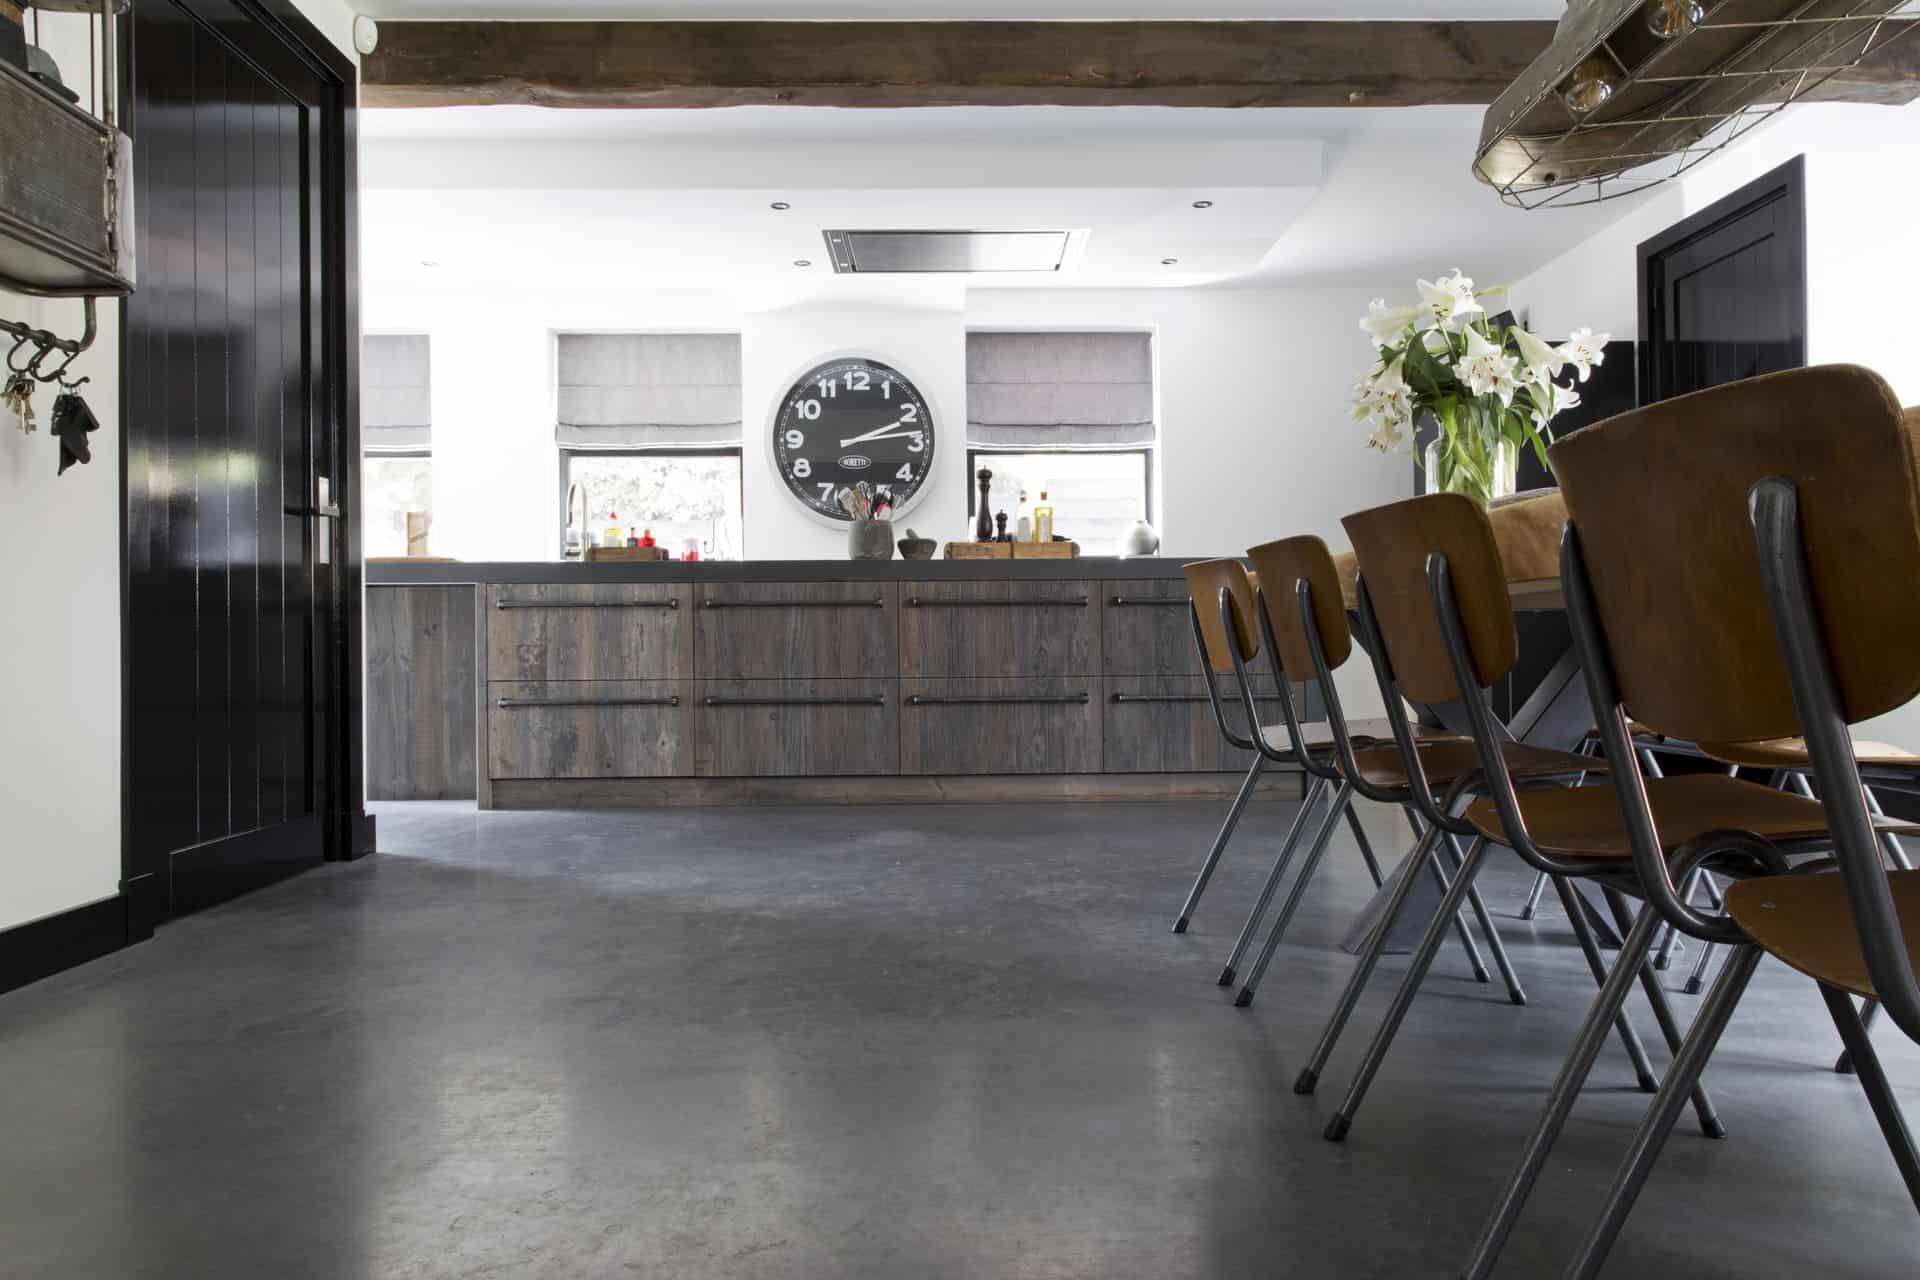 woonbeton in de keuken, betonvloer keuken